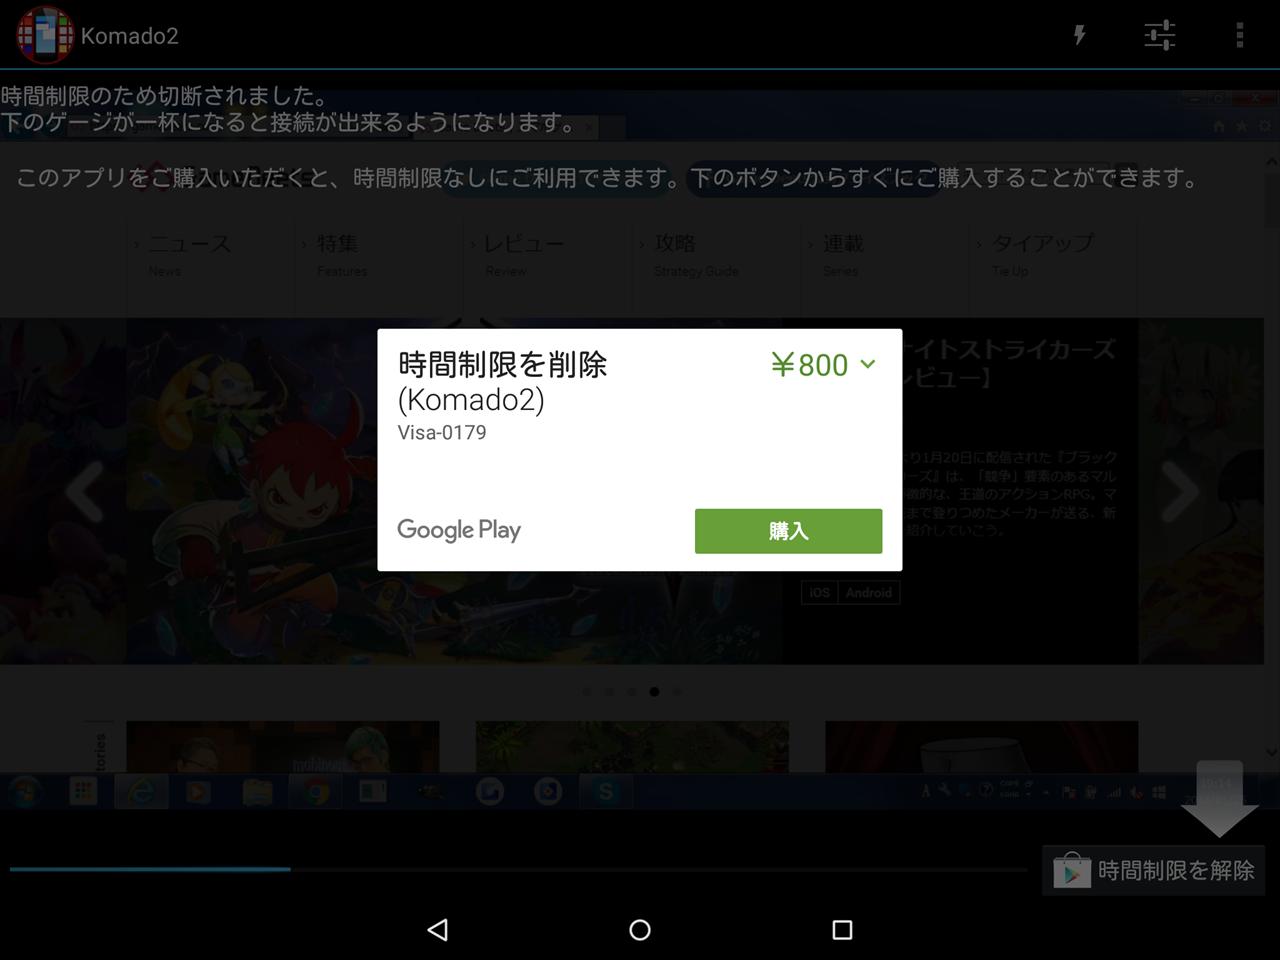 アプリで蘇る! 使わなくなったタブレットをPCのサブディスプレイで活用